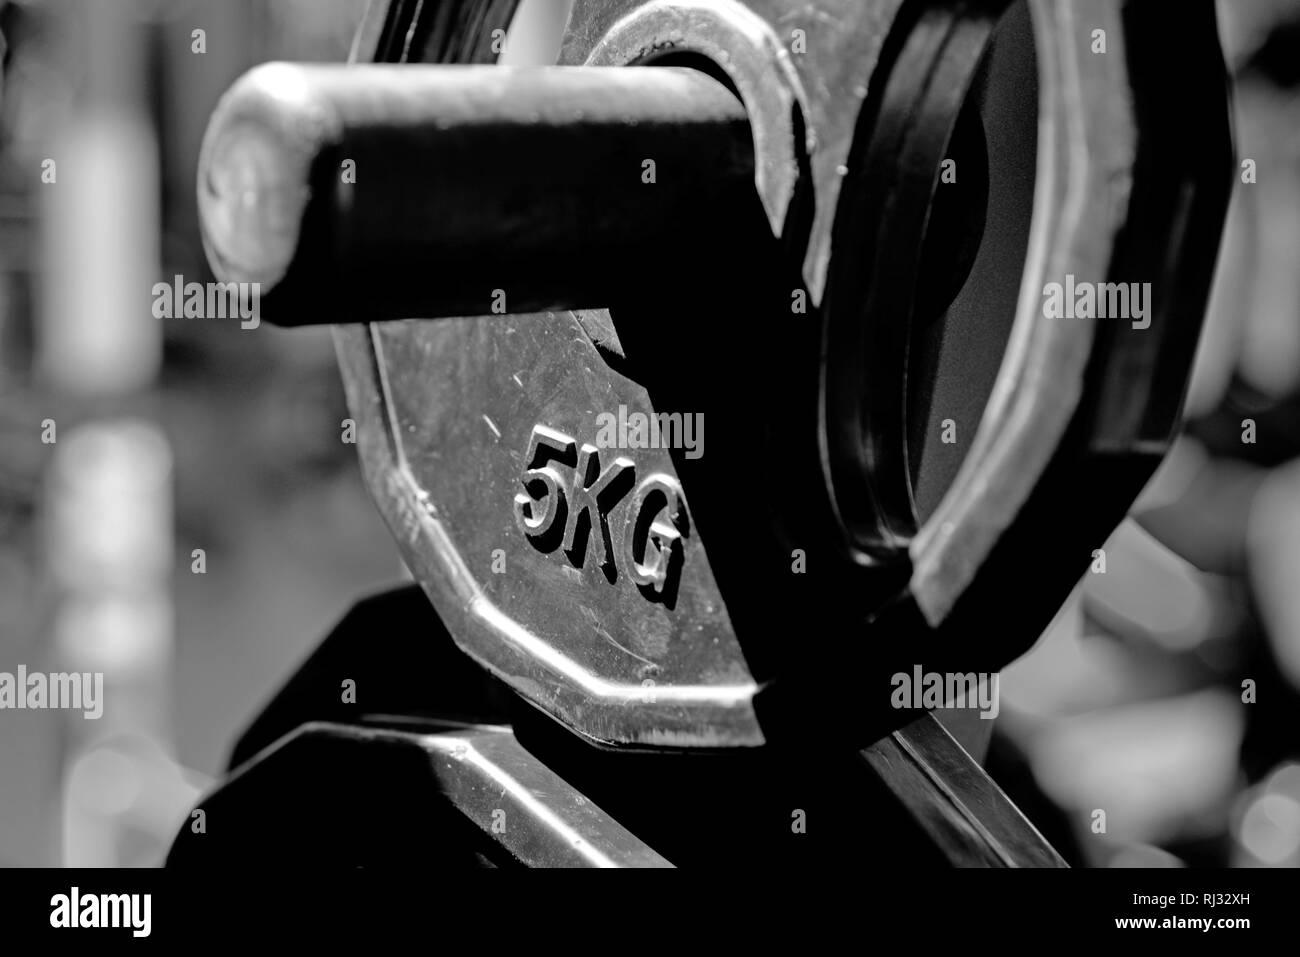 5kg barbell ou dumbell. L'entraînement sportif et l'amaigrissement. Barbell métallique. s'adapter à votre corps et perdre du poids. Les plaques de poids dans une salle de sport. Concept de sport abandonné. pas Photo Stock